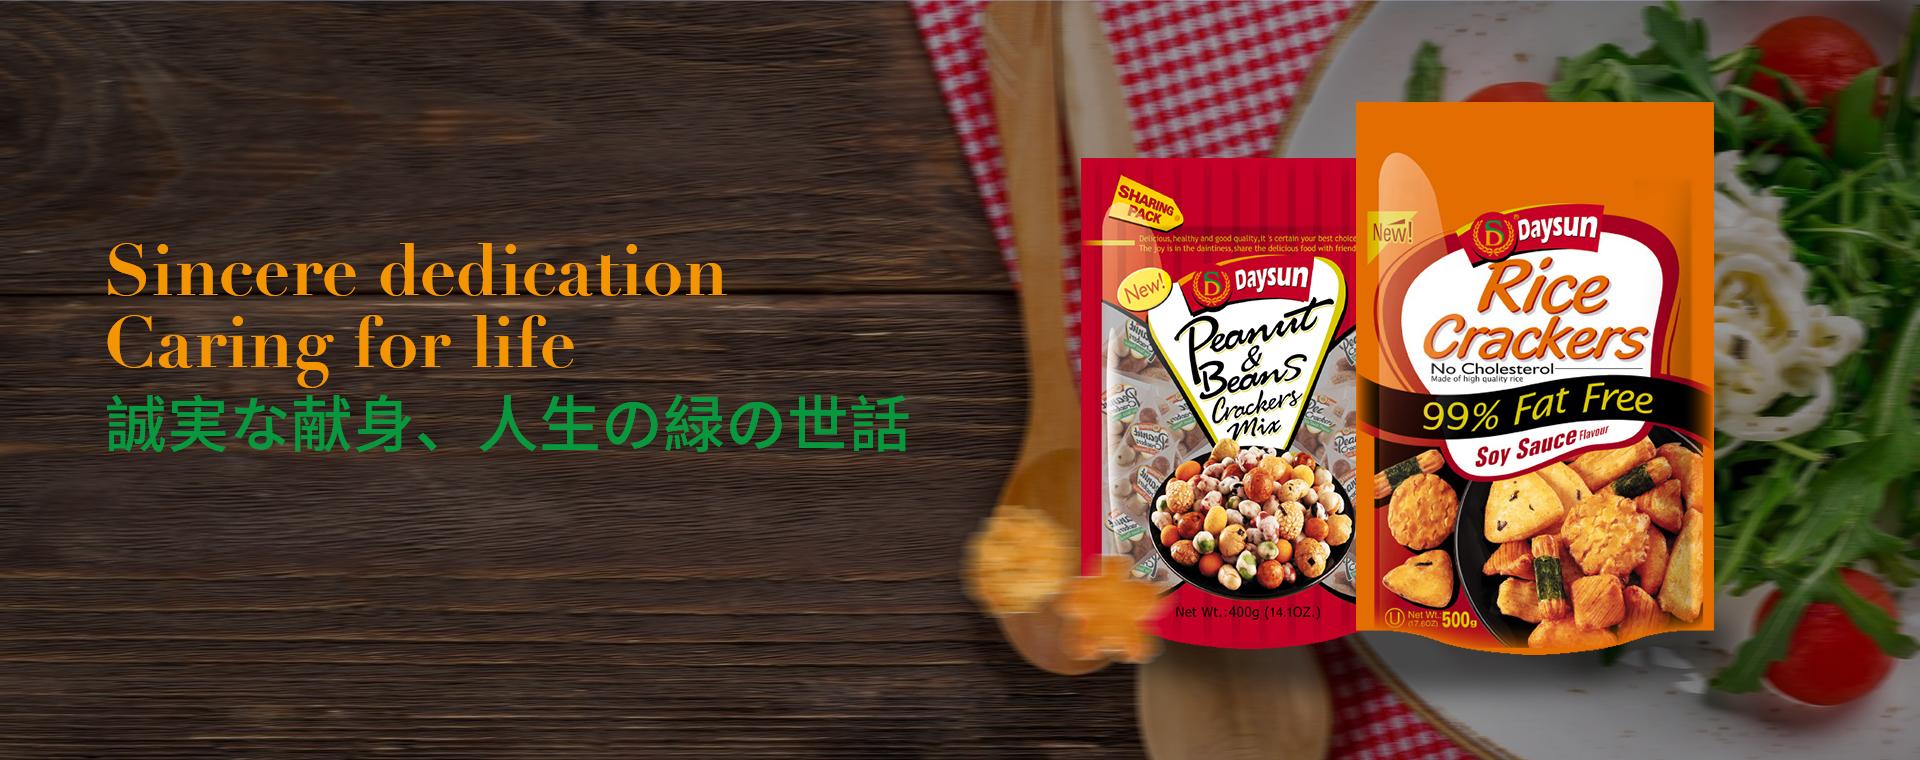 wwwlong88食品